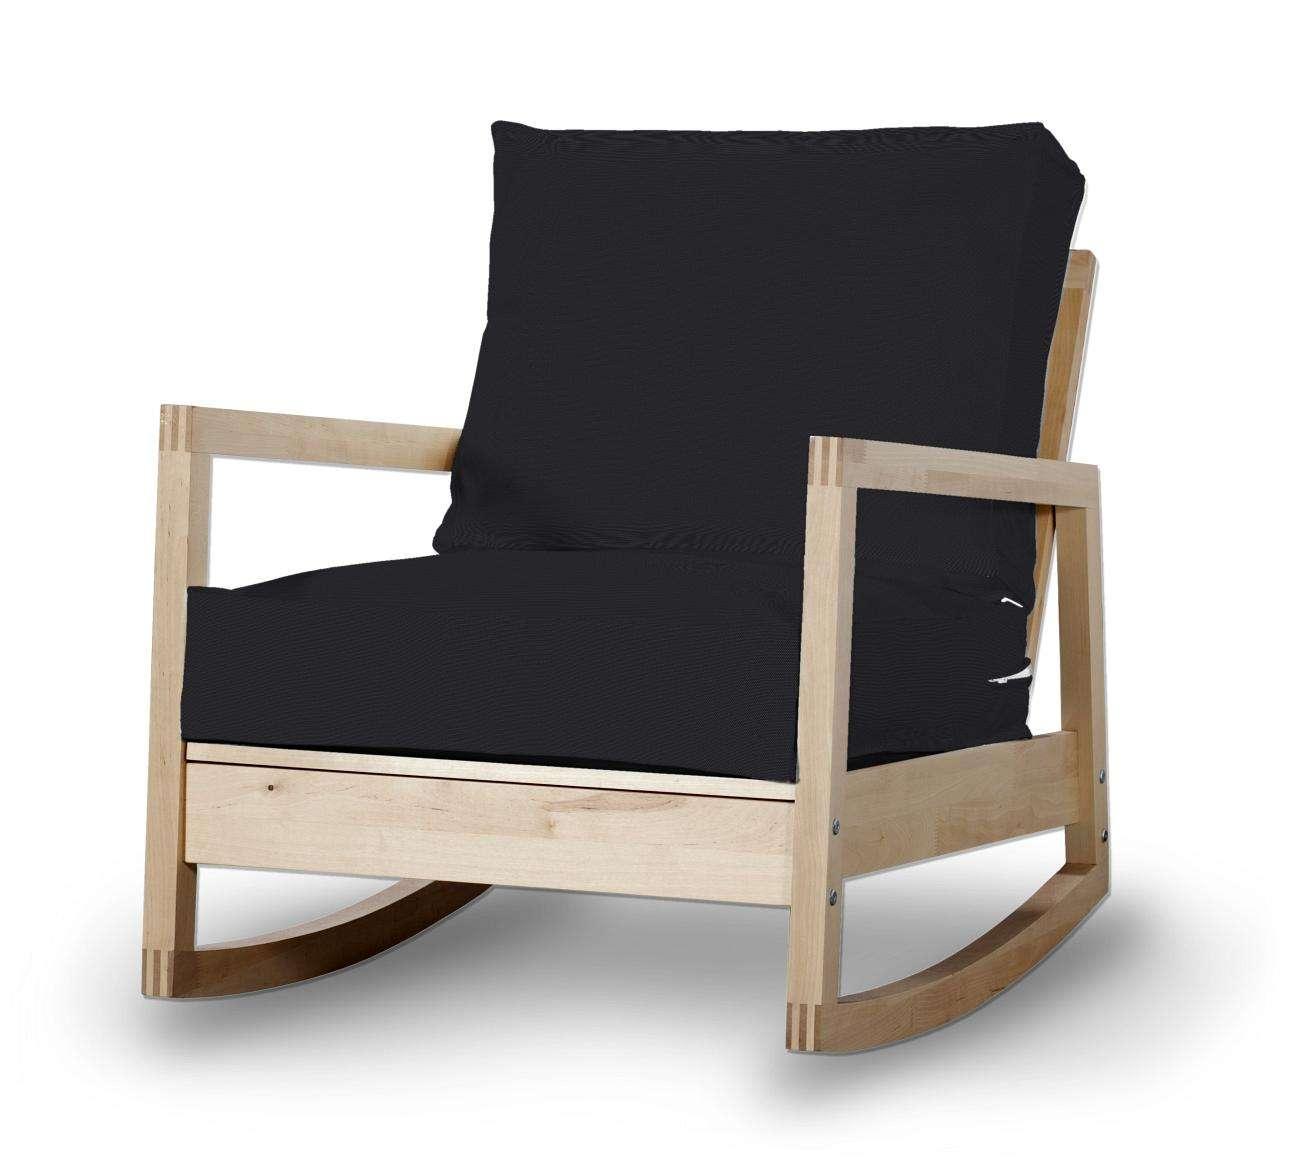 LILLBERG fotelio užvalkalas LILLBERG fotelio užvalkalas kolekcijoje Etna , audinys: 705-00